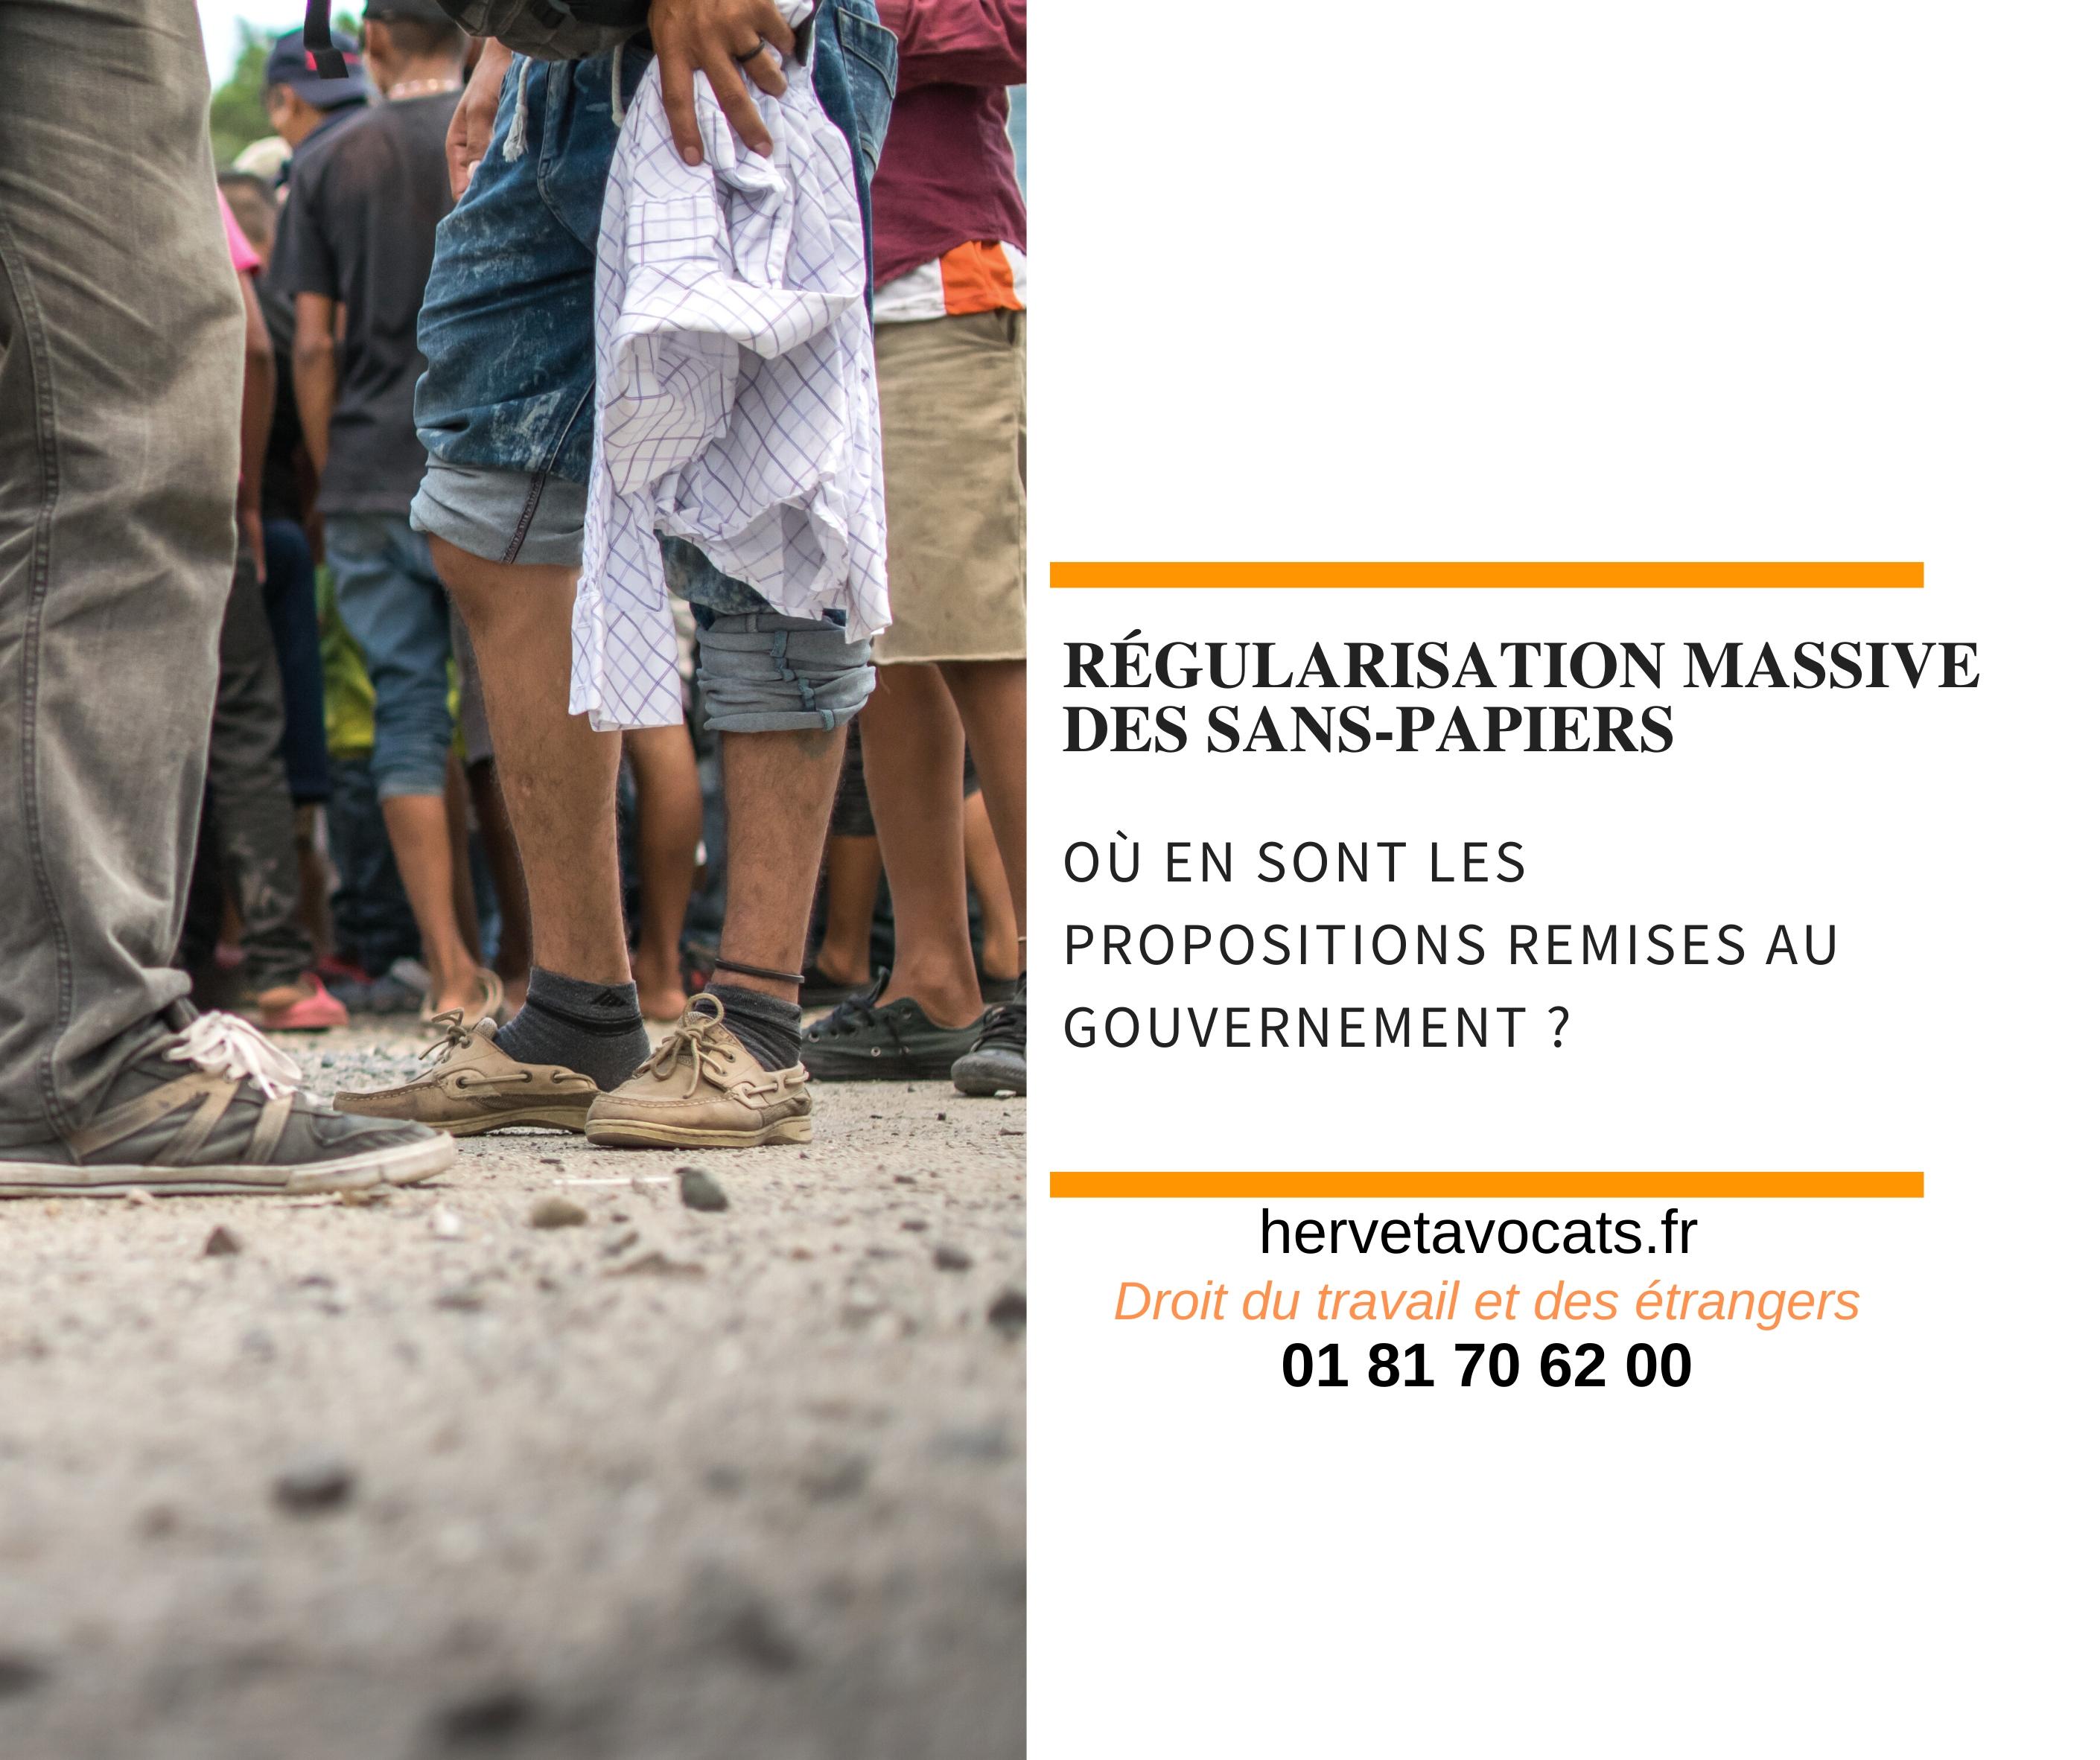 Face à la crise du Covid-19, comment protéger les sans-papiers de France ?  Un point sur les propositions de régularisation massive des étrangers en situation irrégulière.